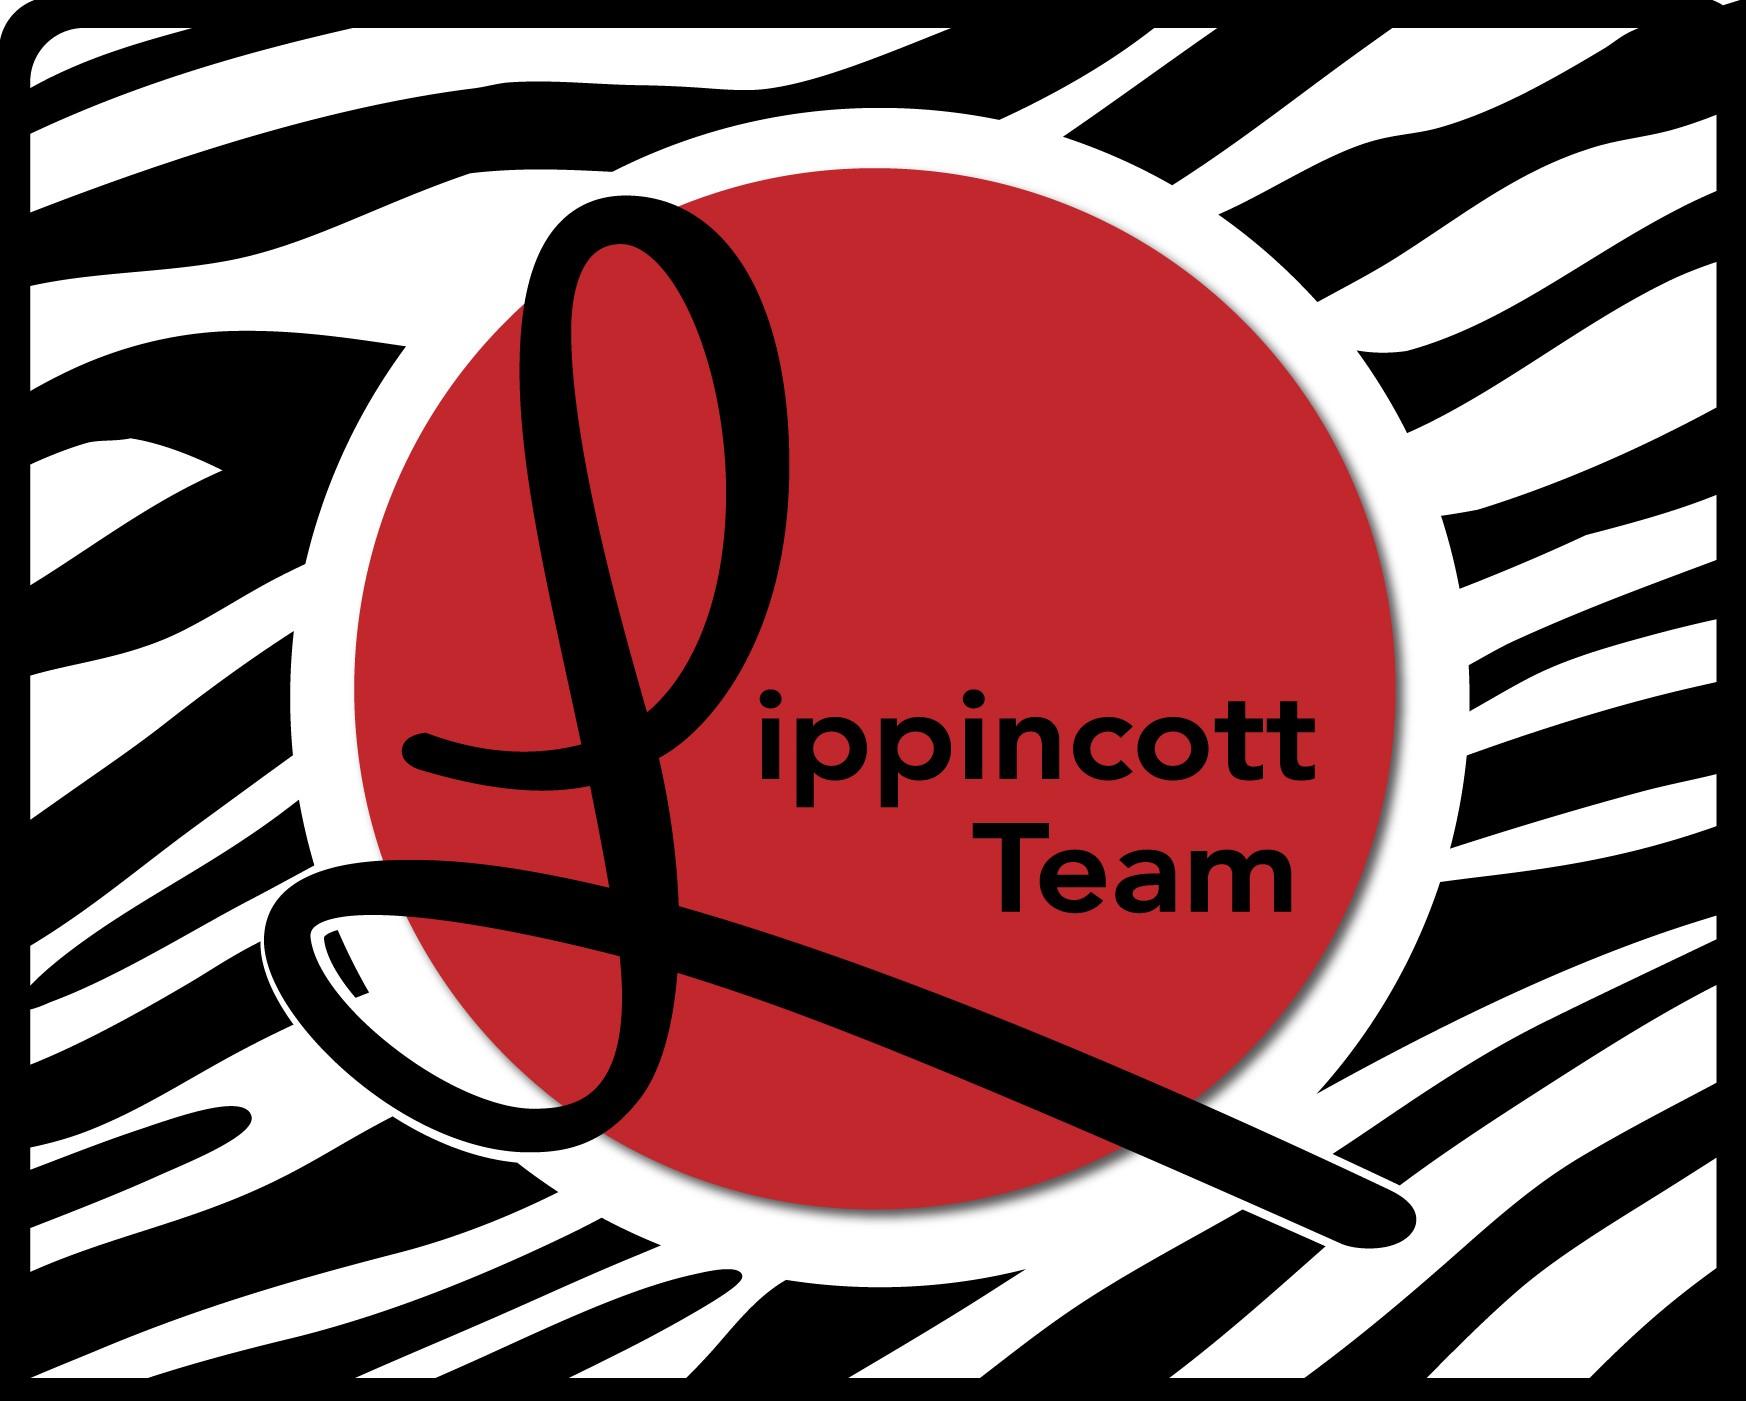 The Lippincott Team